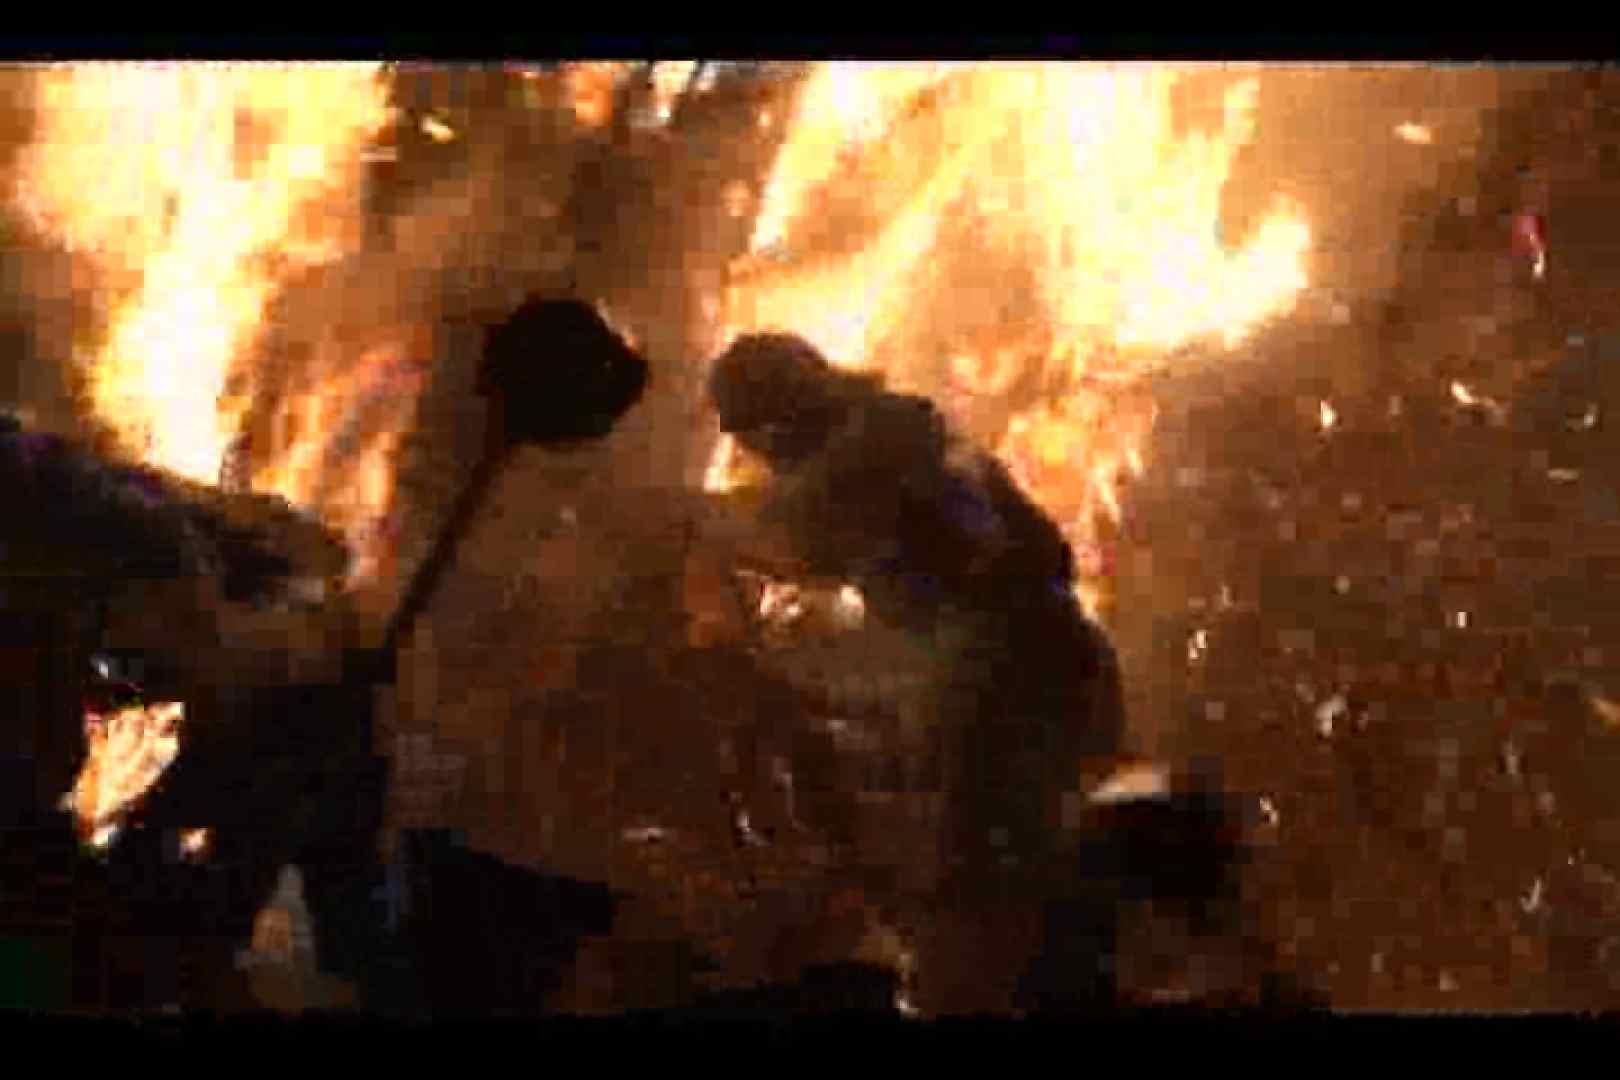 鳥羽の火祭り 3000K!高画質バージョンVOL.03 念願の完全無修正 | ノンケ  82連発 61